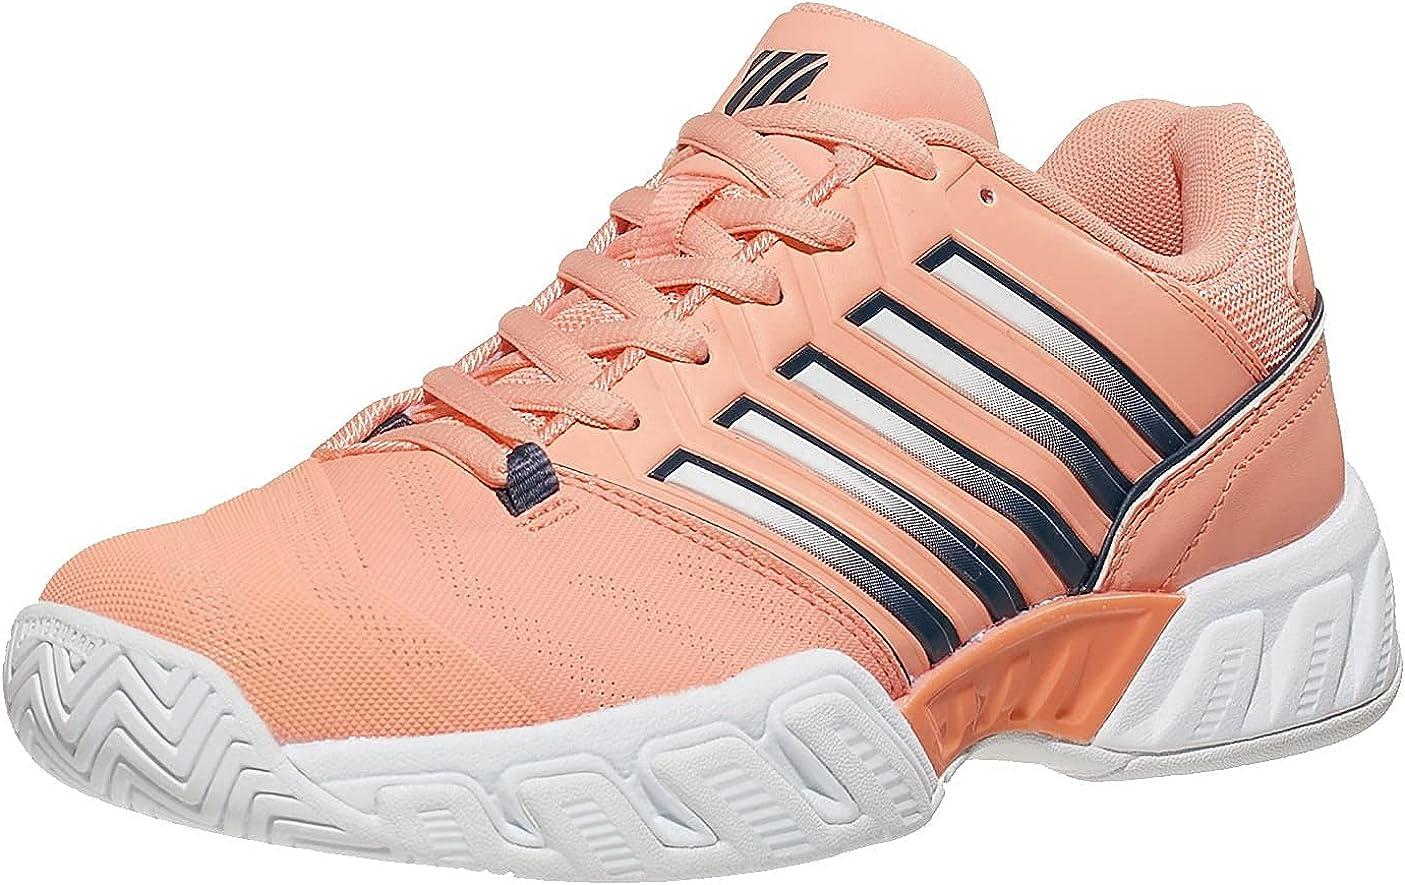   K-Swiss Junior Bigshot Light 4 Kids' Tennis Shoes   Racquet Sports